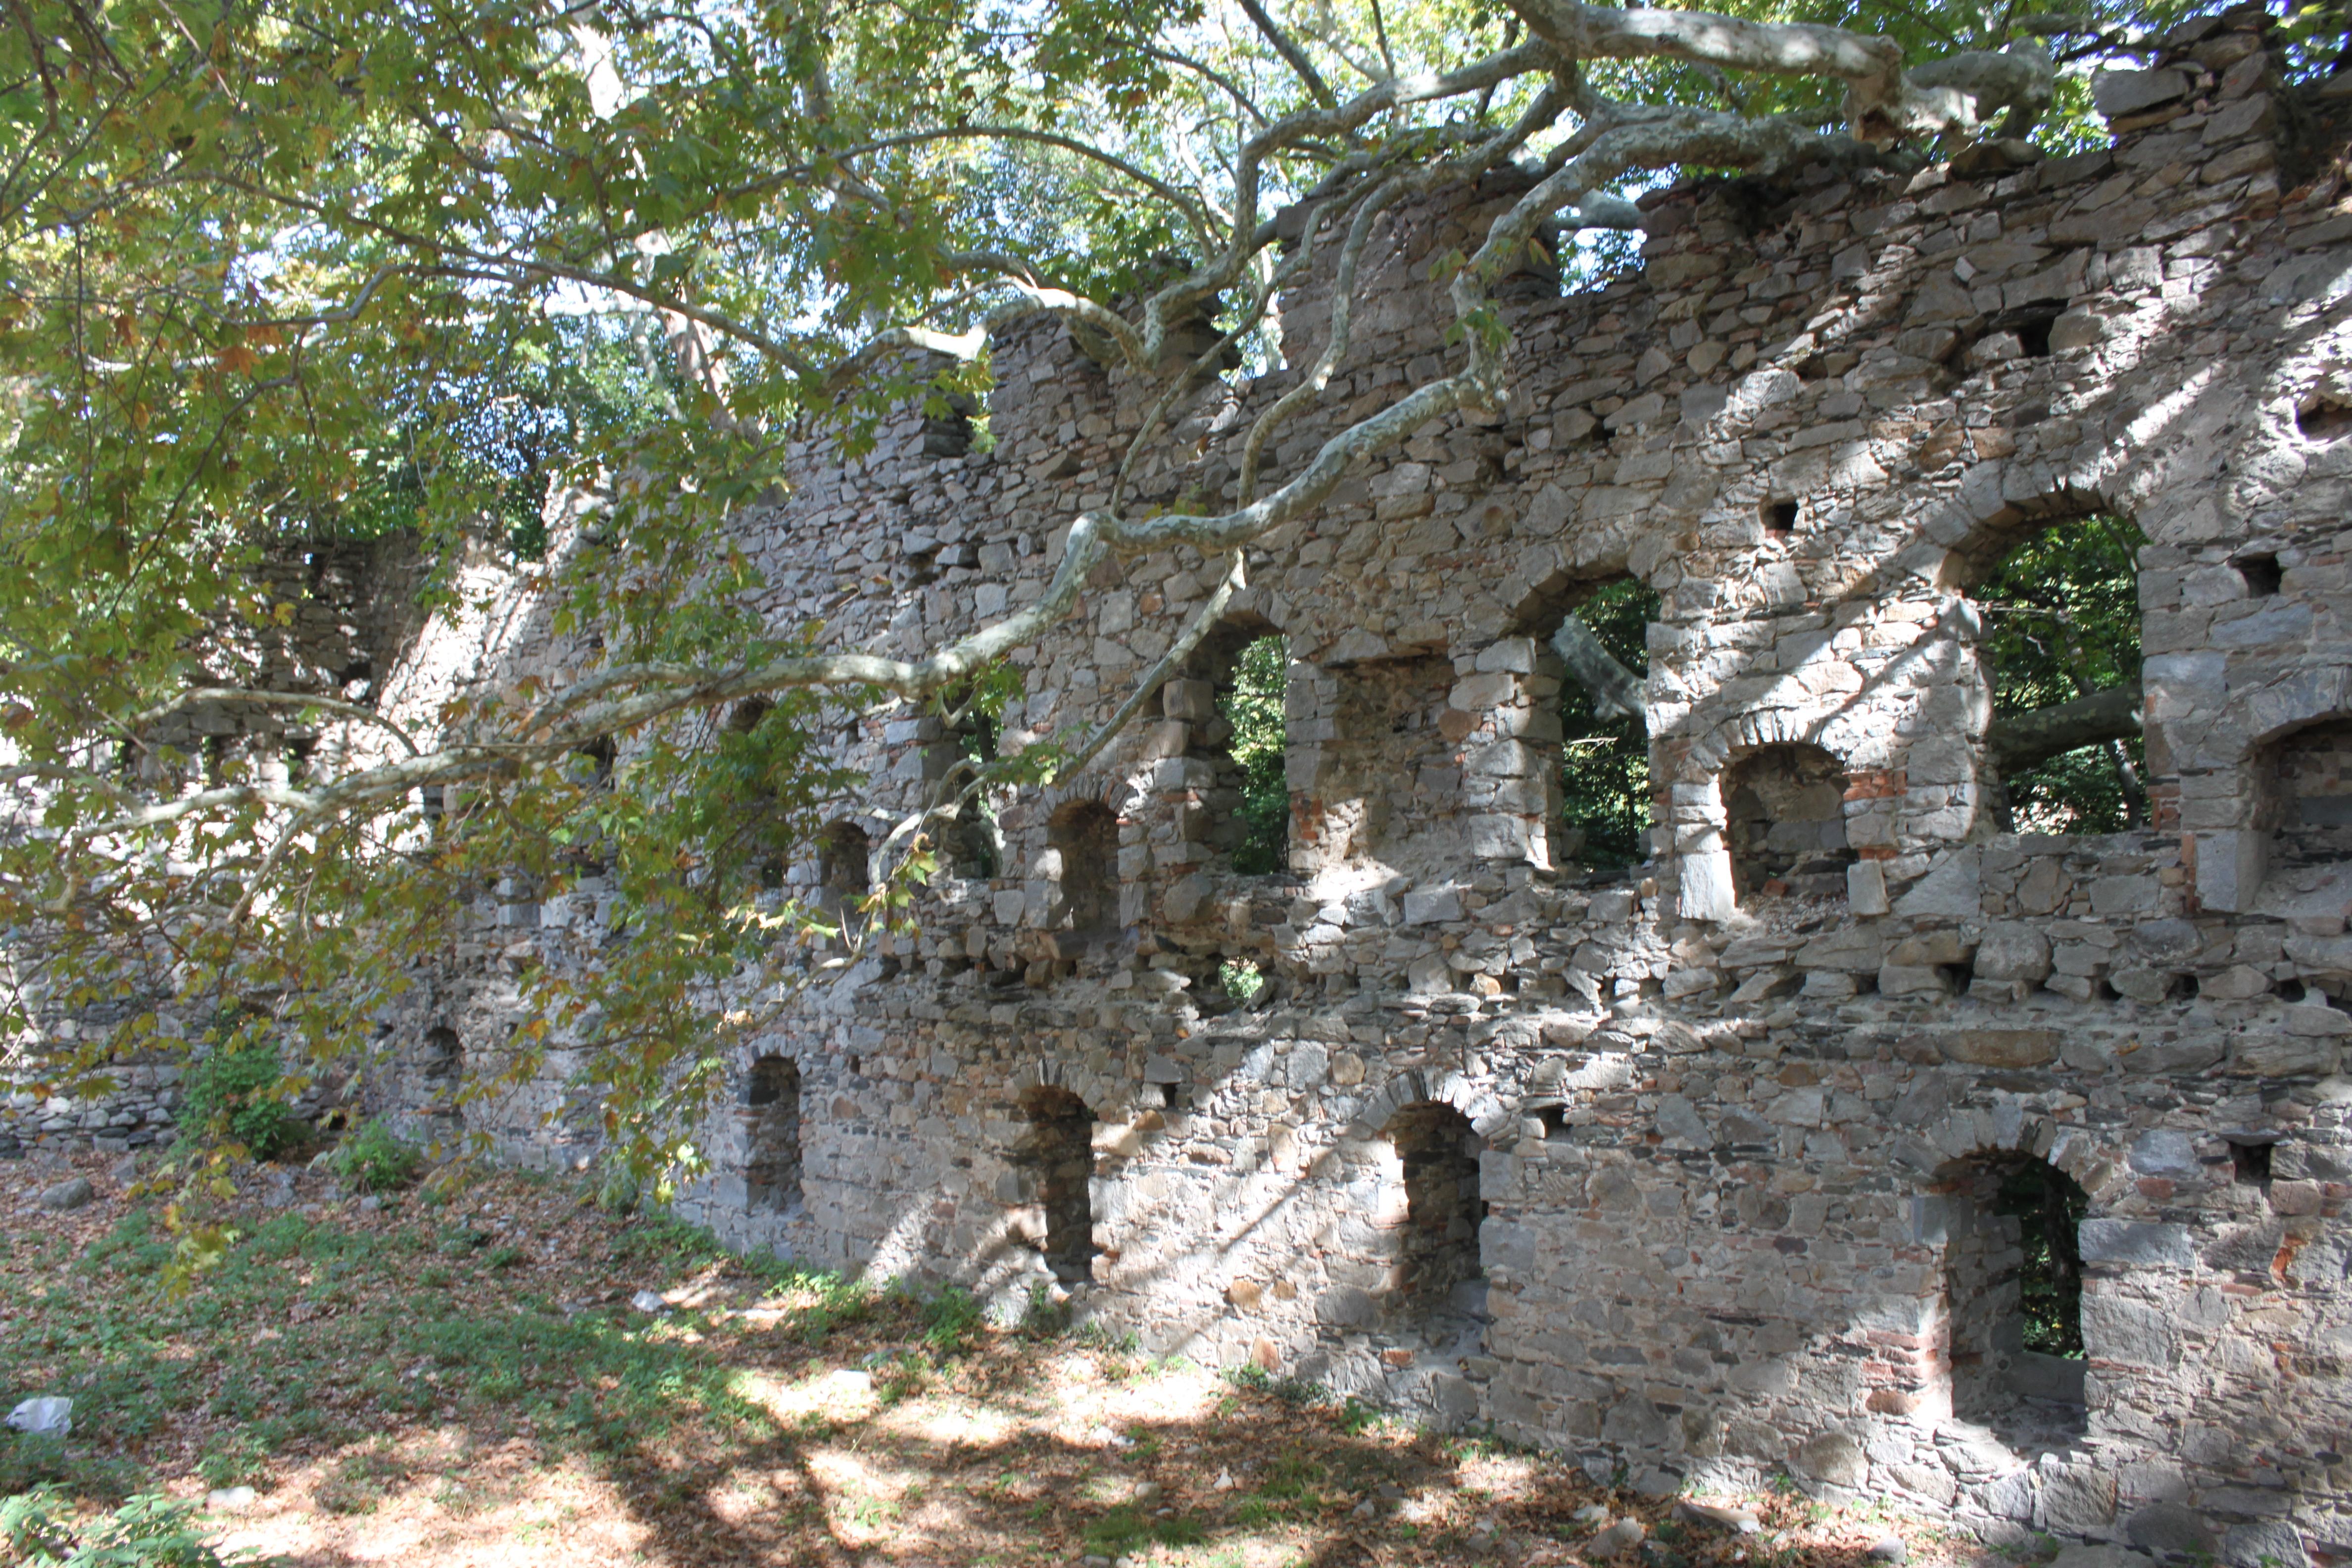 Erdek ilçe merkezinde yer alan kale burçlarından biri.